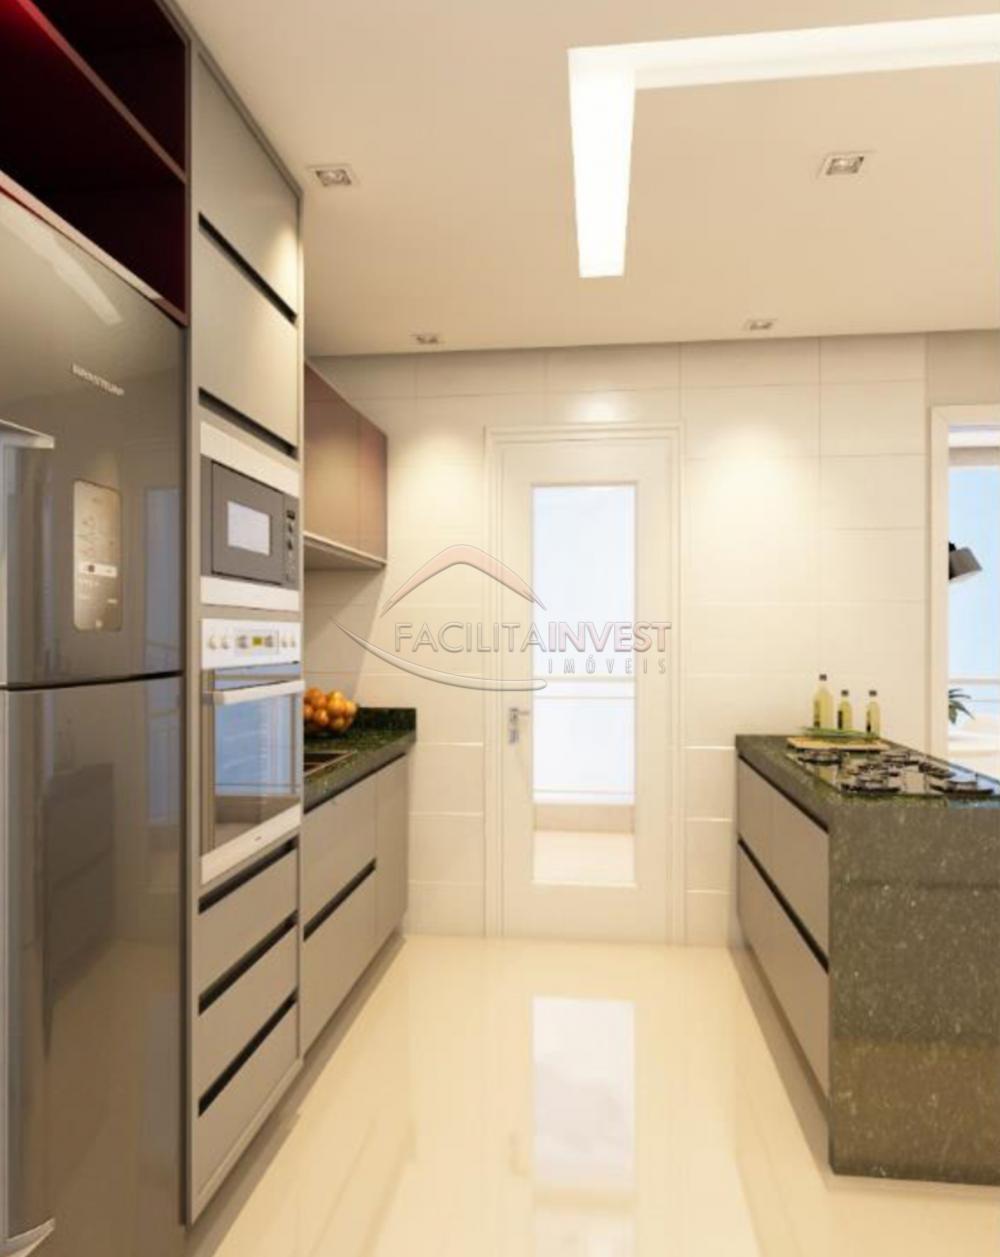 Comprar Lançamentos/ Empreendimentos em Construç / Apartamento padrão - Lançamento em Ribeirão Preto apenas R$ 547.816,00 - Foto 2